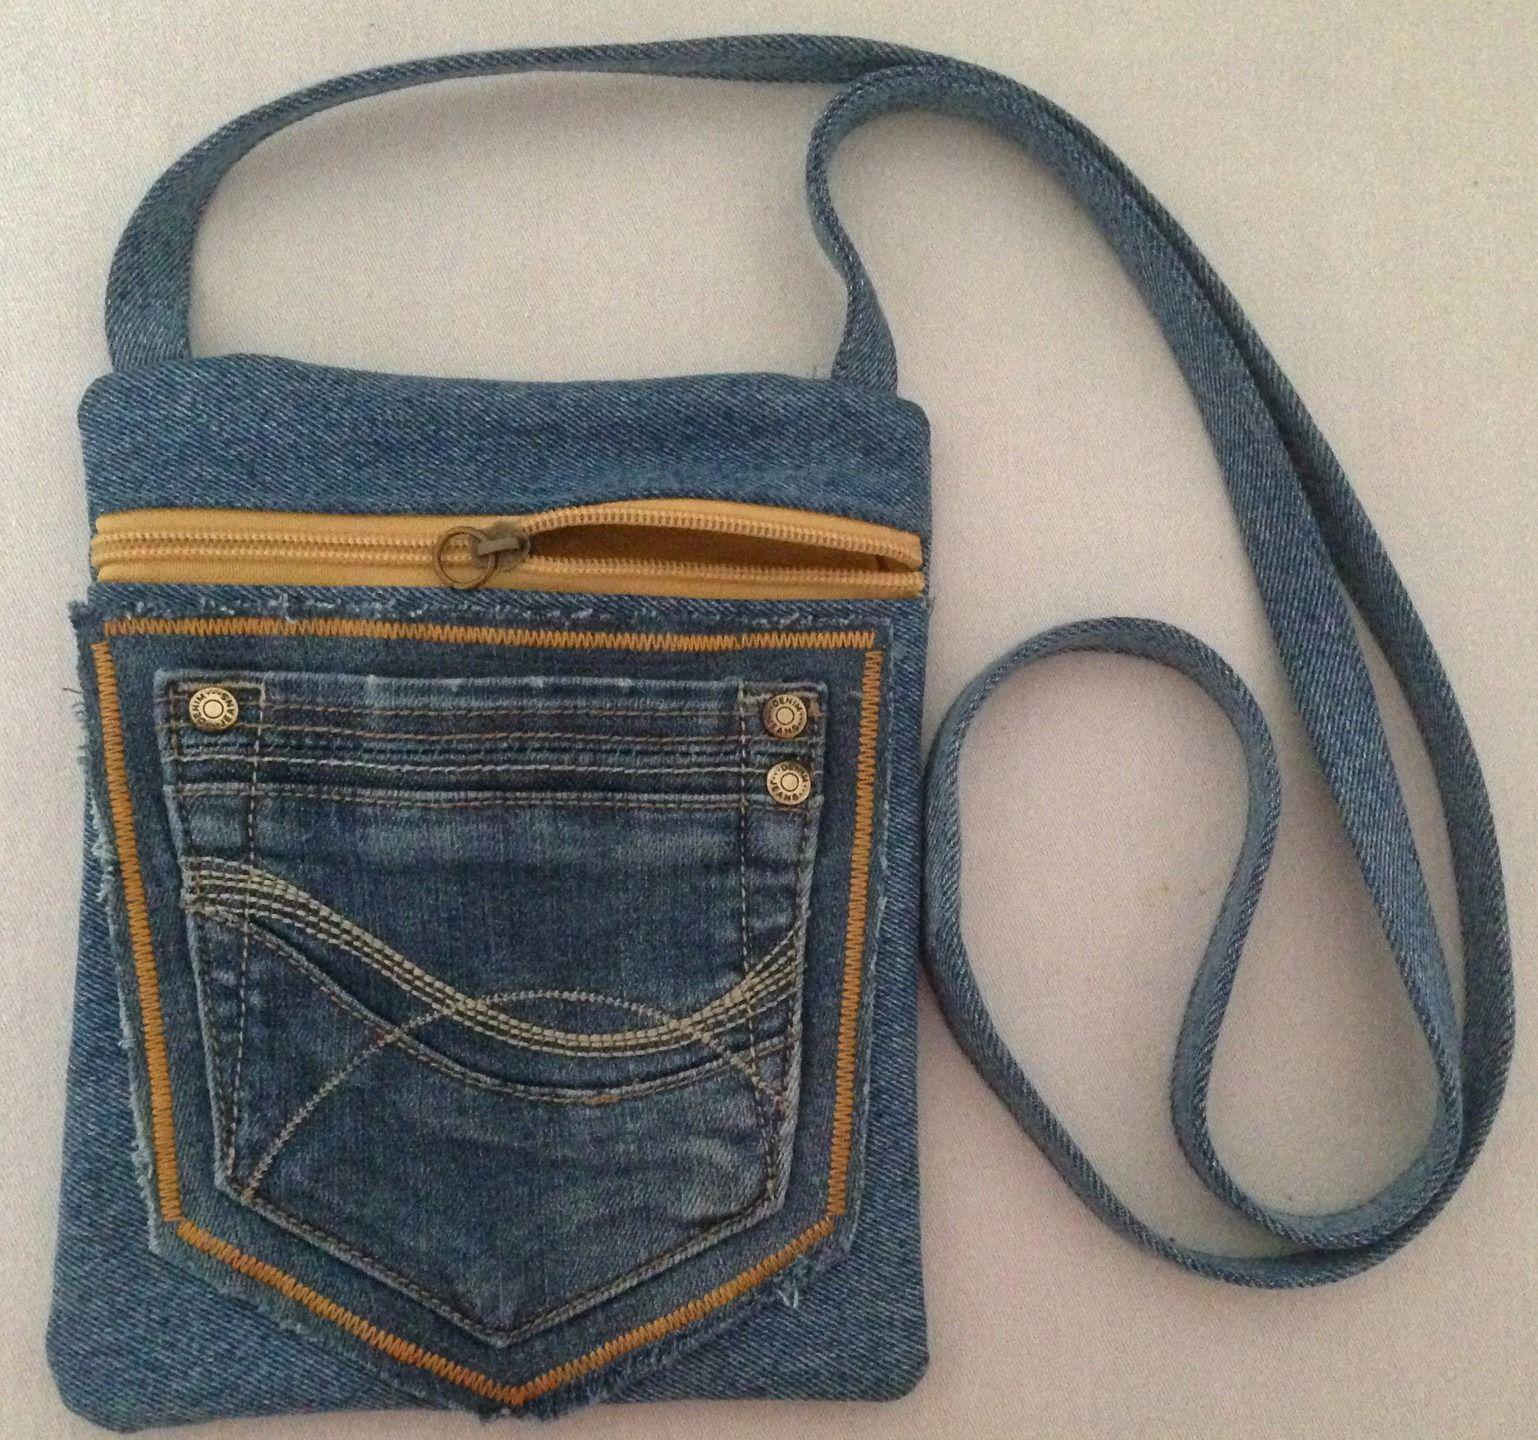 sac en jean pour t l phone 1 poche ventrale bandouli re doublure taffetas jaune sacs. Black Bedroom Furniture Sets. Home Design Ideas